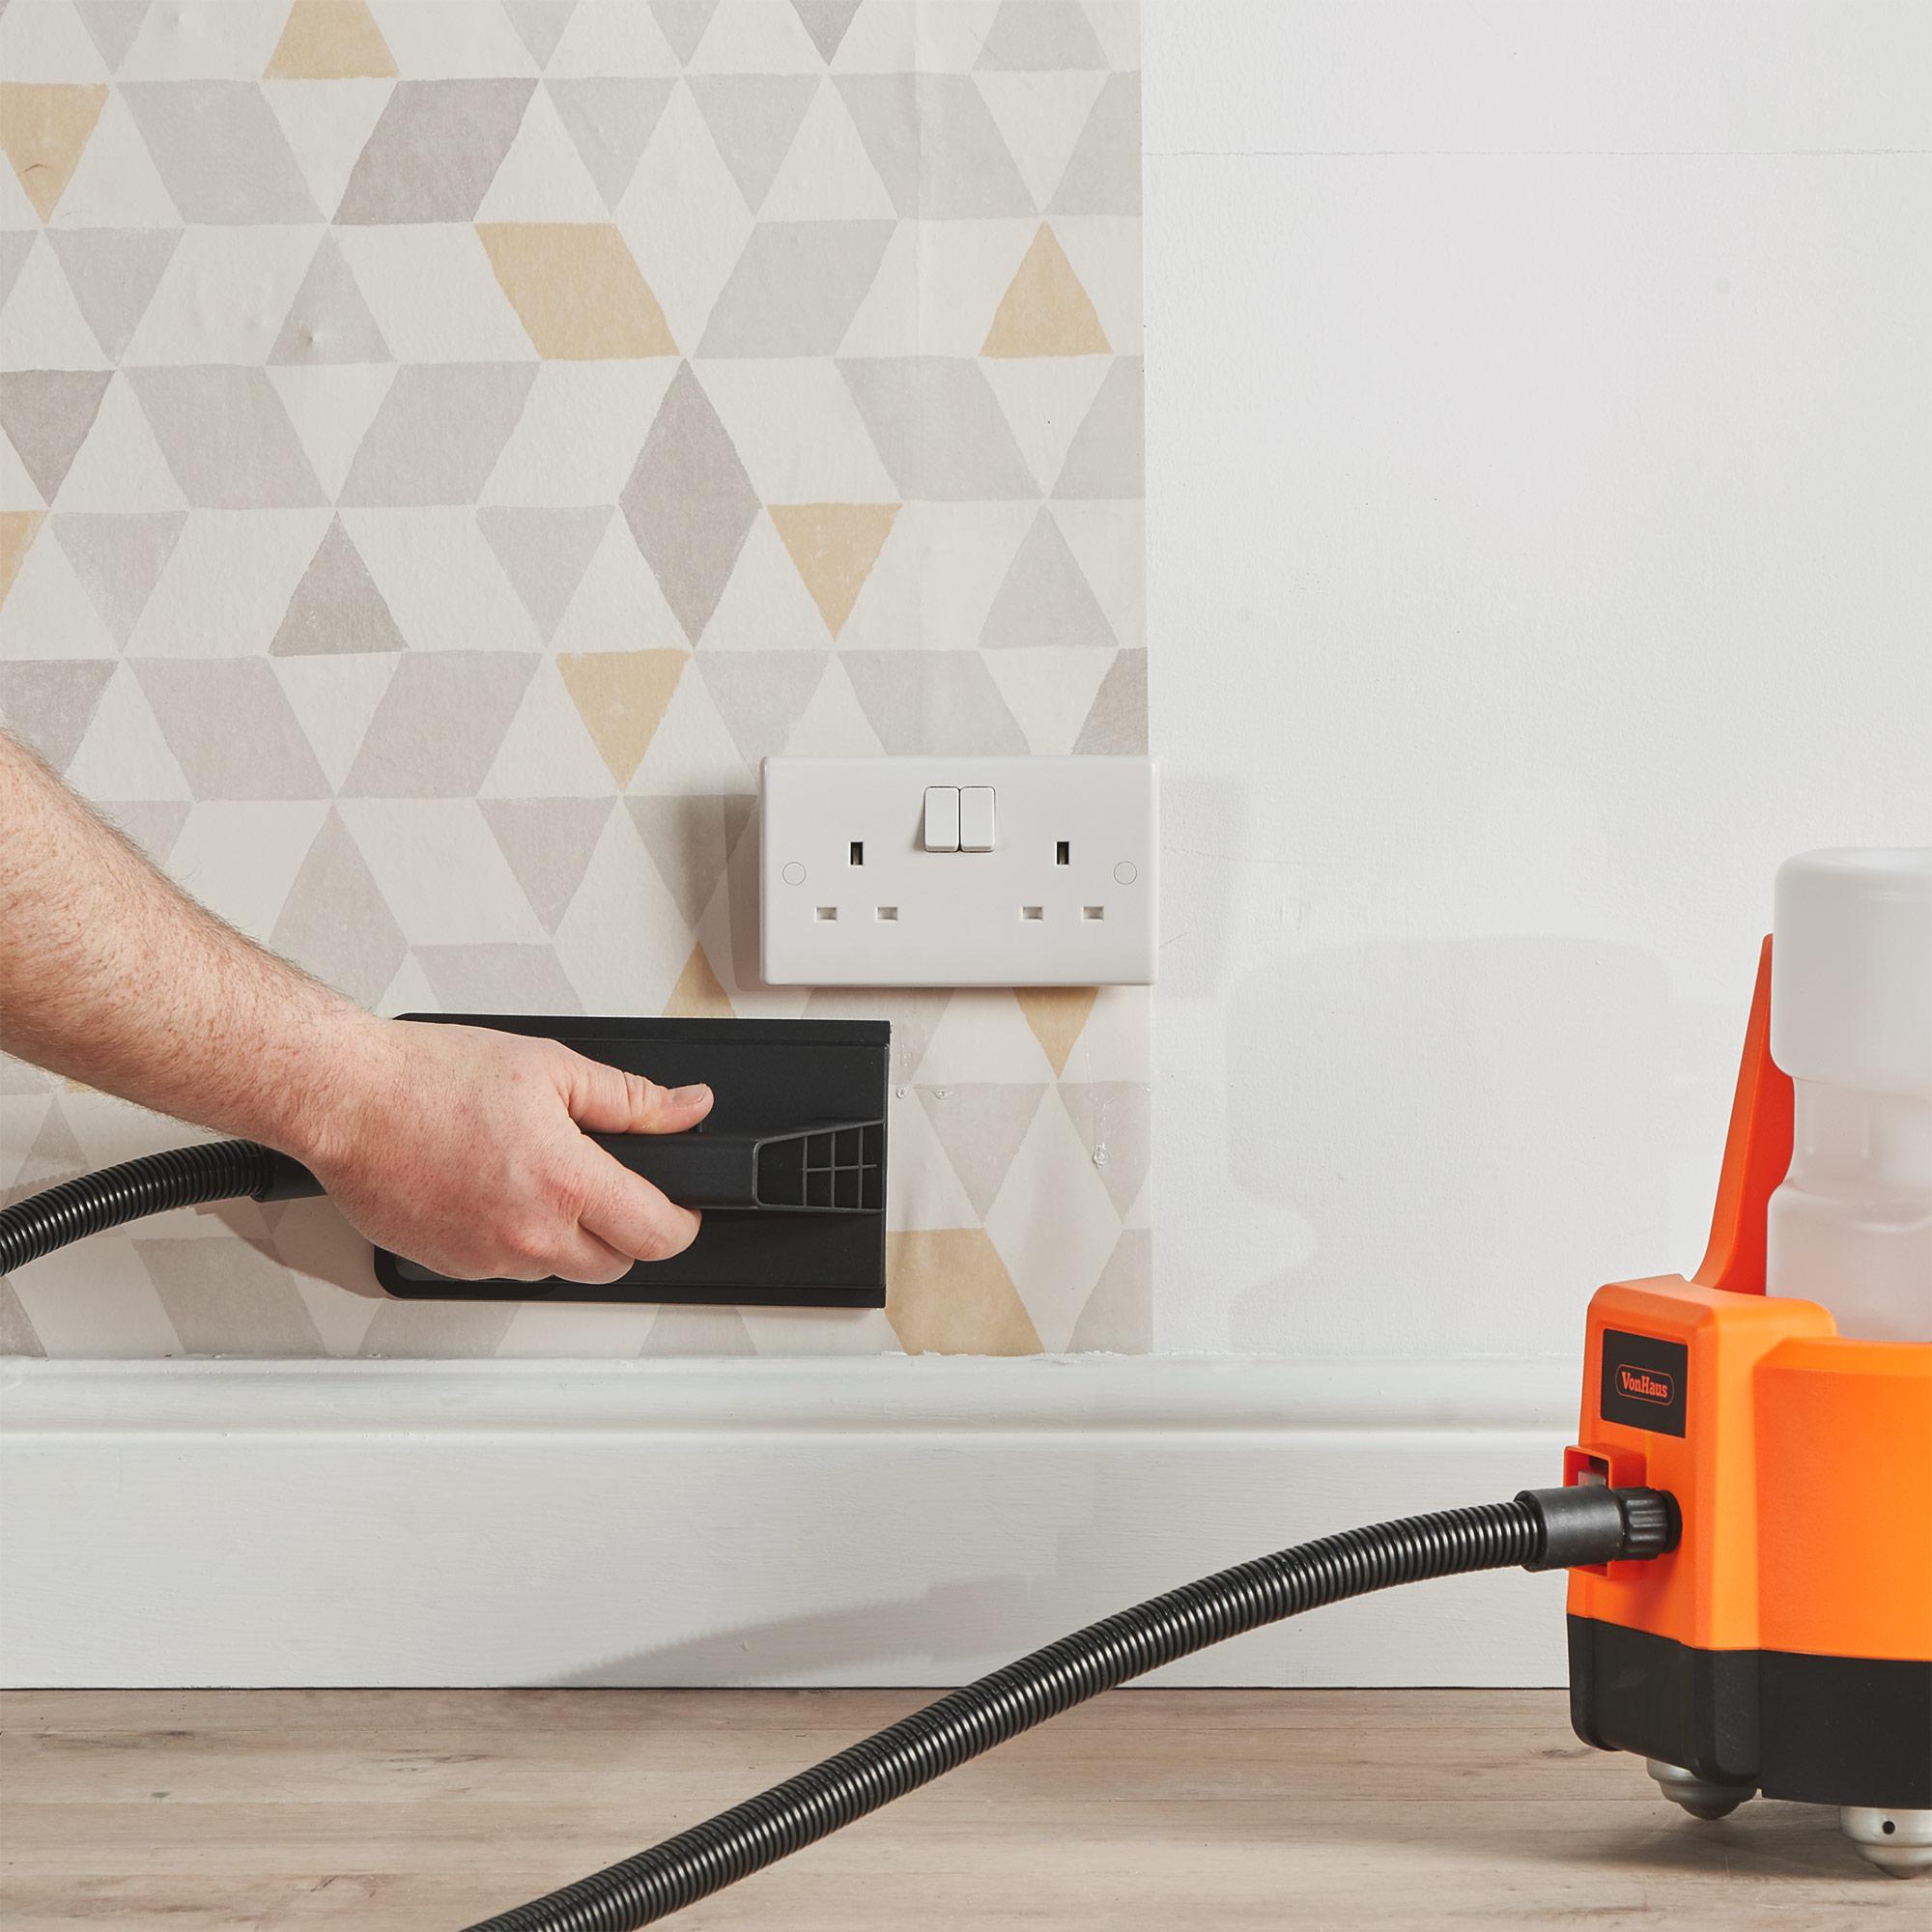 VonHaus Wallpaper Steamer//Stripper//Remover with Fast 2 Min Heat Up FAST